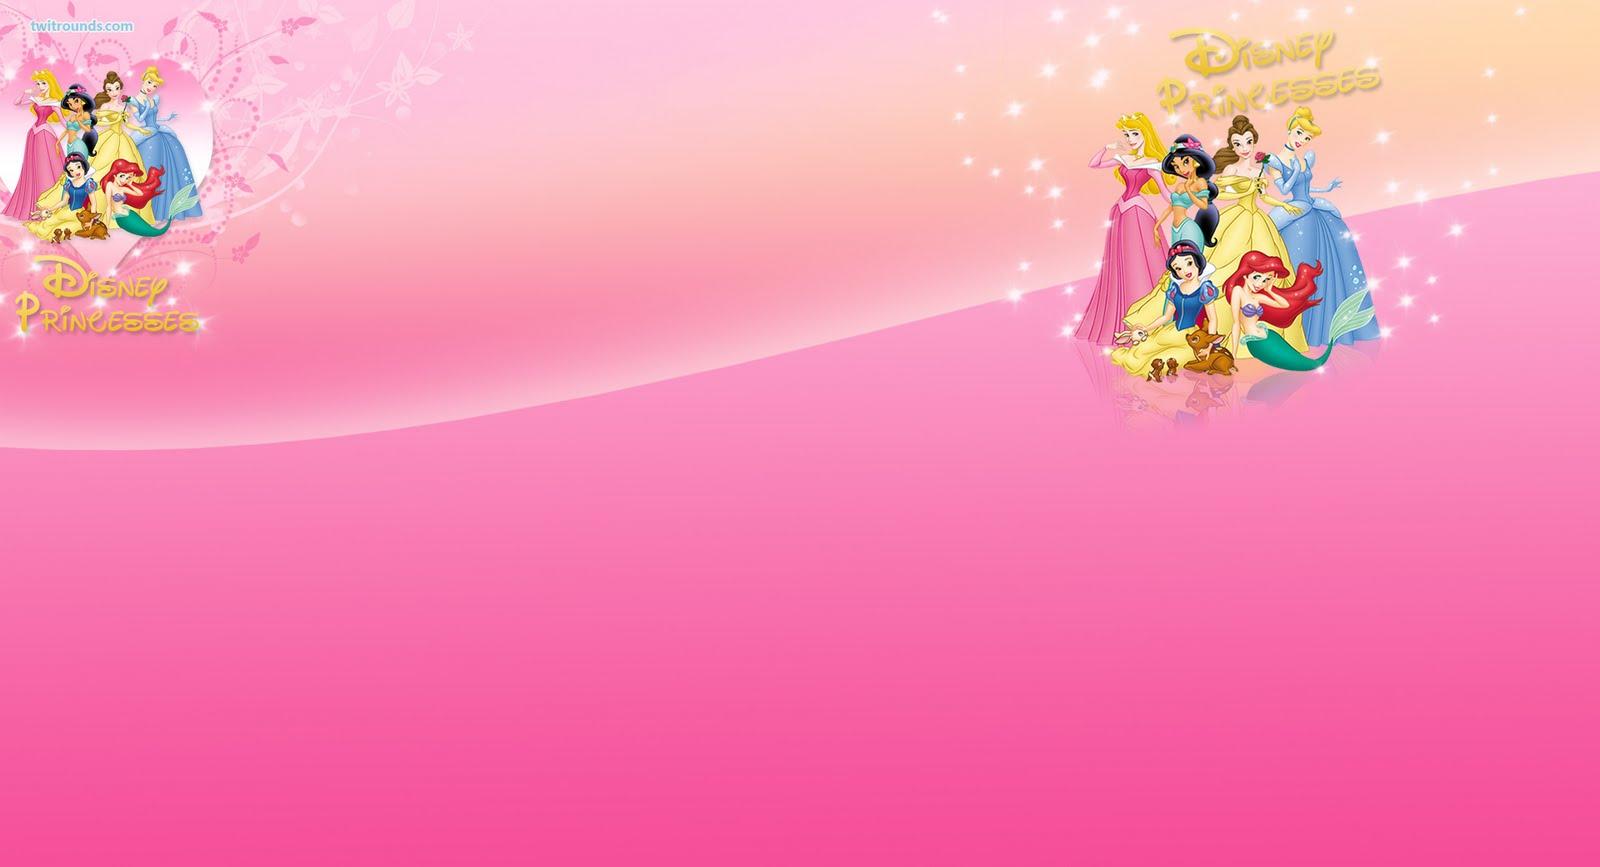 Courtney Baird Disney Wallpaper Hd